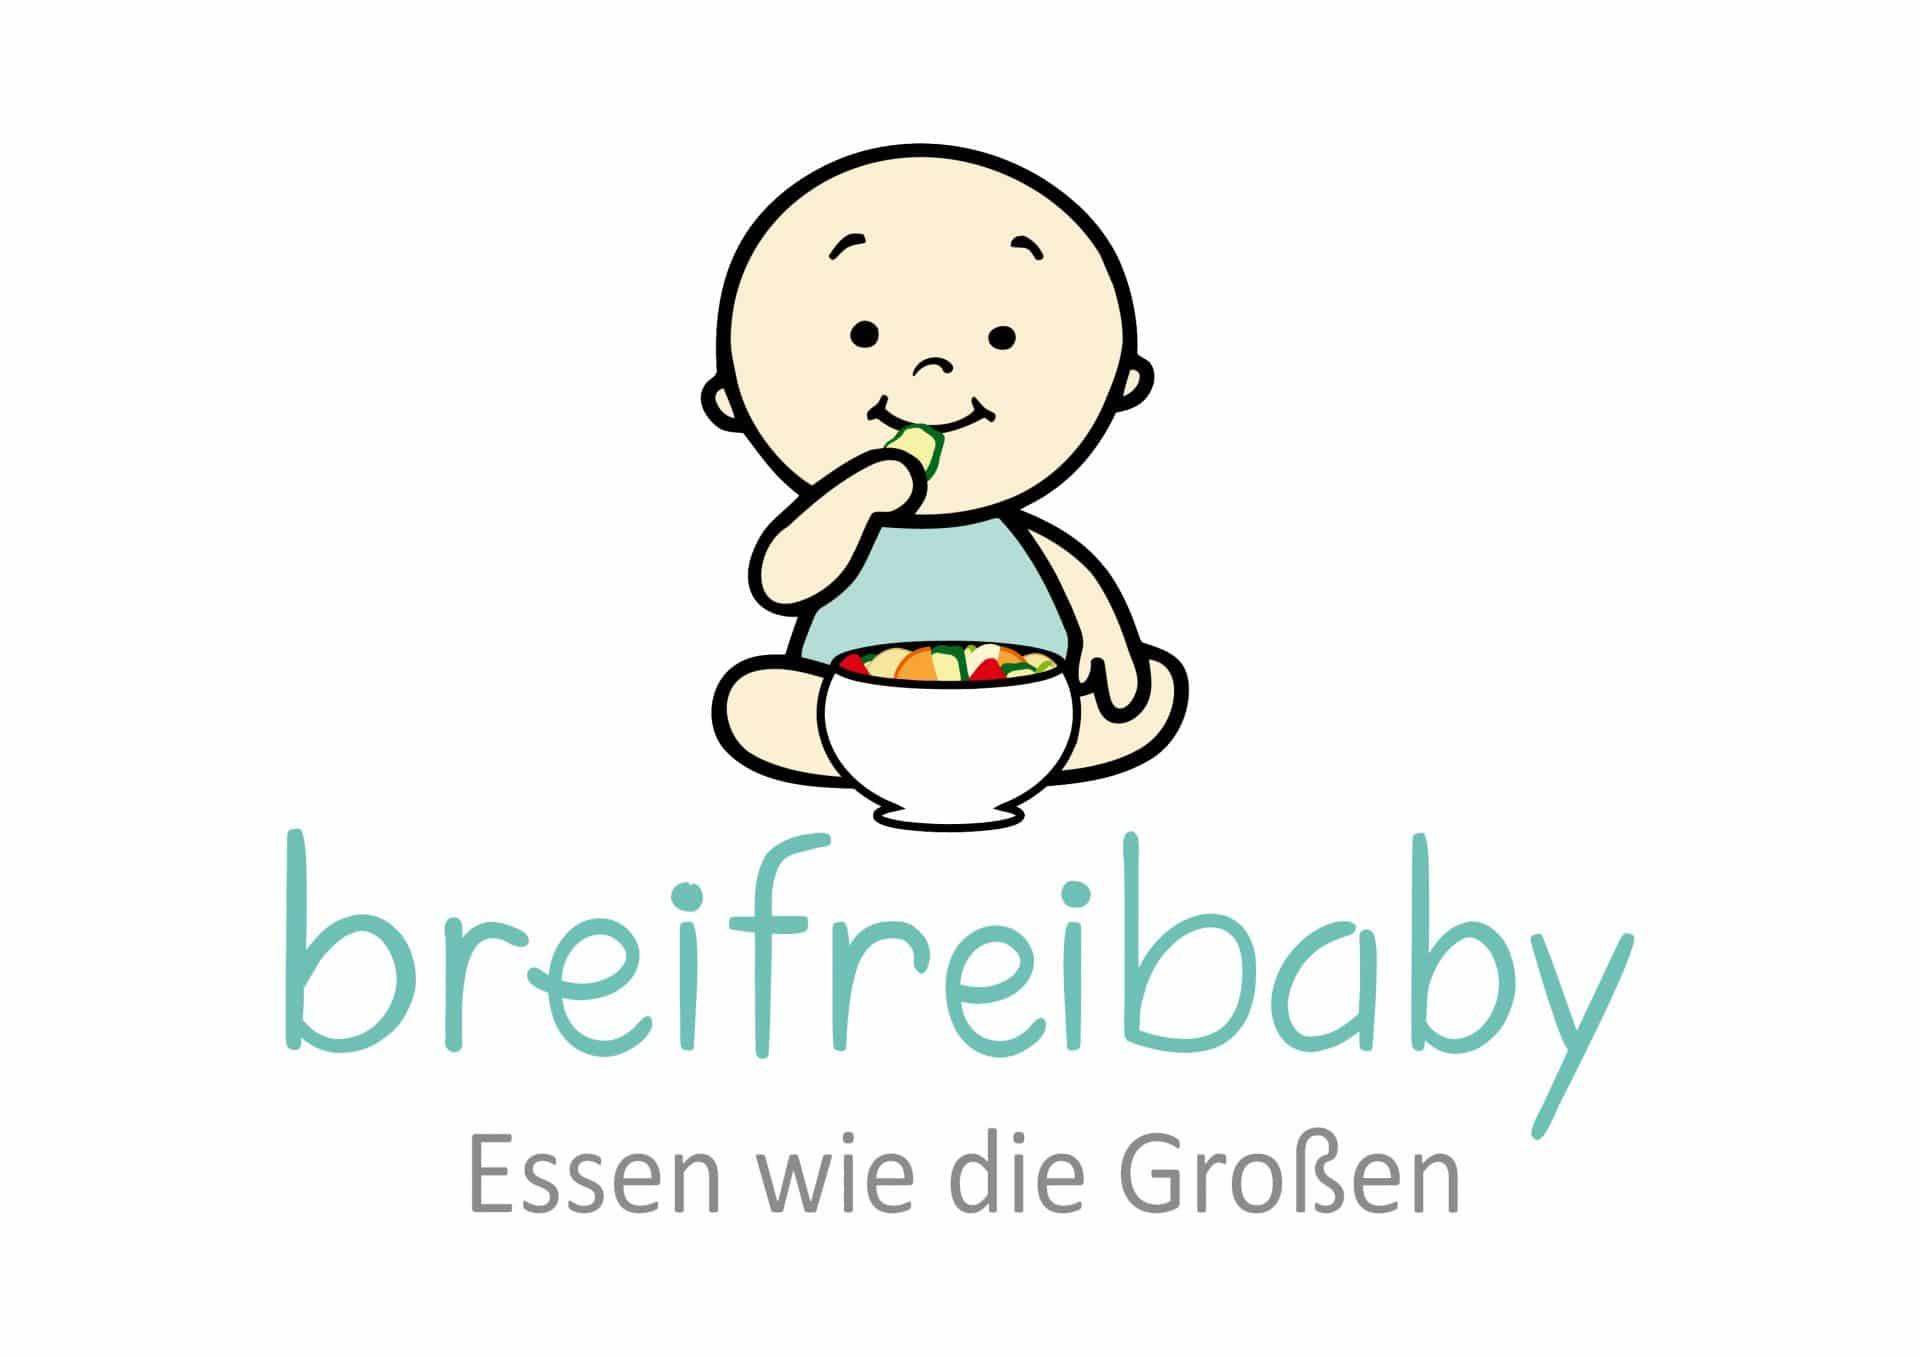 breifrei Blog Baby mit Gemüsestick in der Hand und Schale mit Gemüse. Breifreibaby Essen wie die Großen